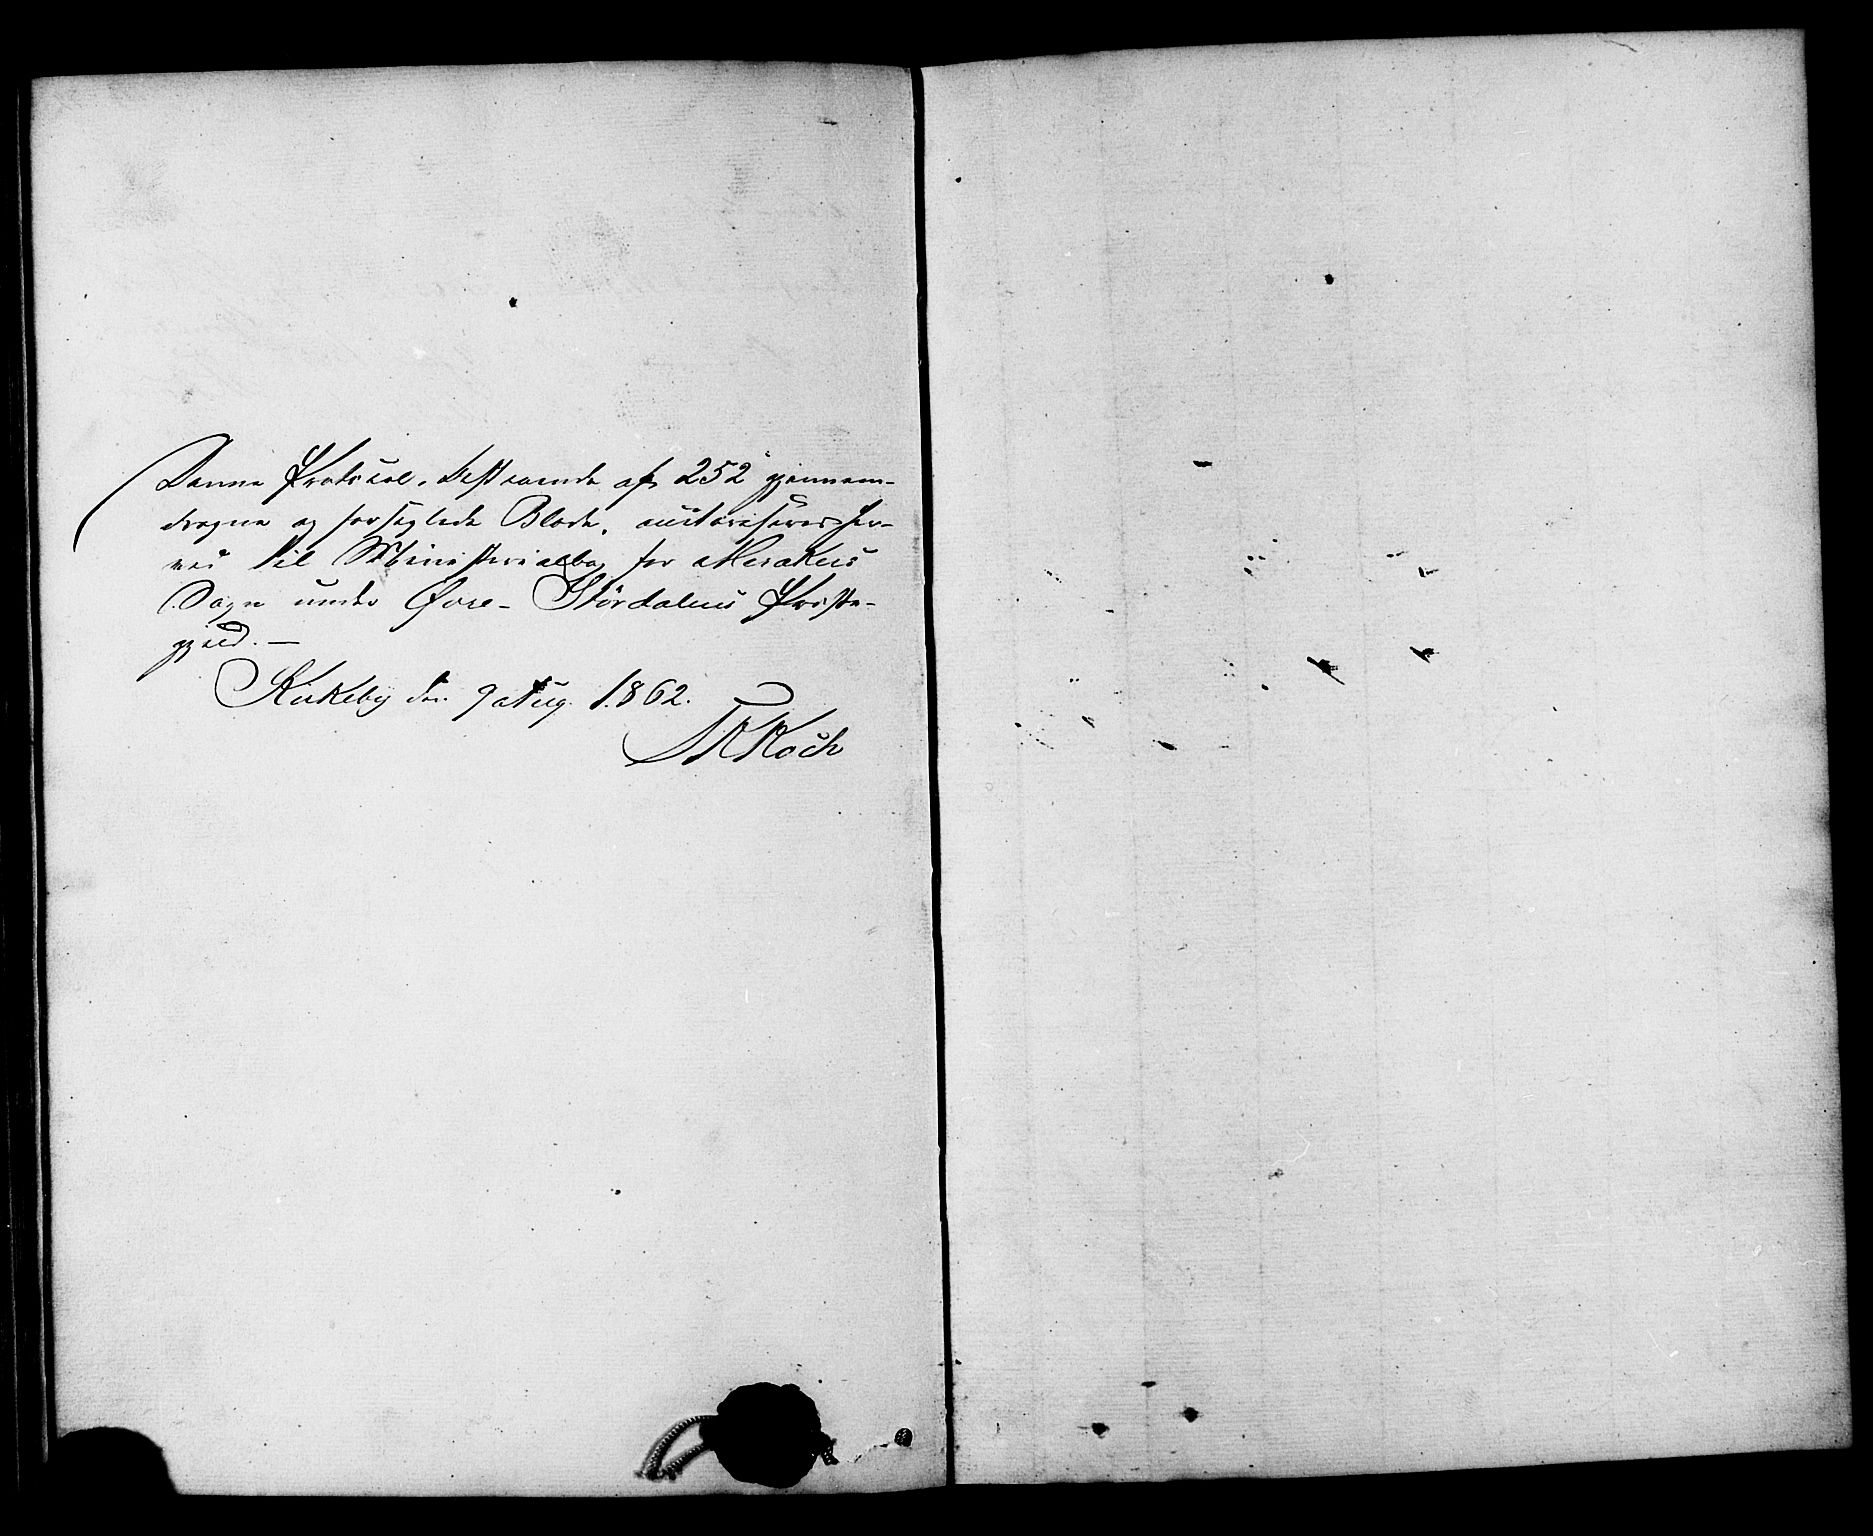 SAT, Ministerialprotokoller, klokkerbøker og fødselsregistre - Nord-Trøndelag, 706/L0041: Ministerialbok nr. 706A02, 1862-1877